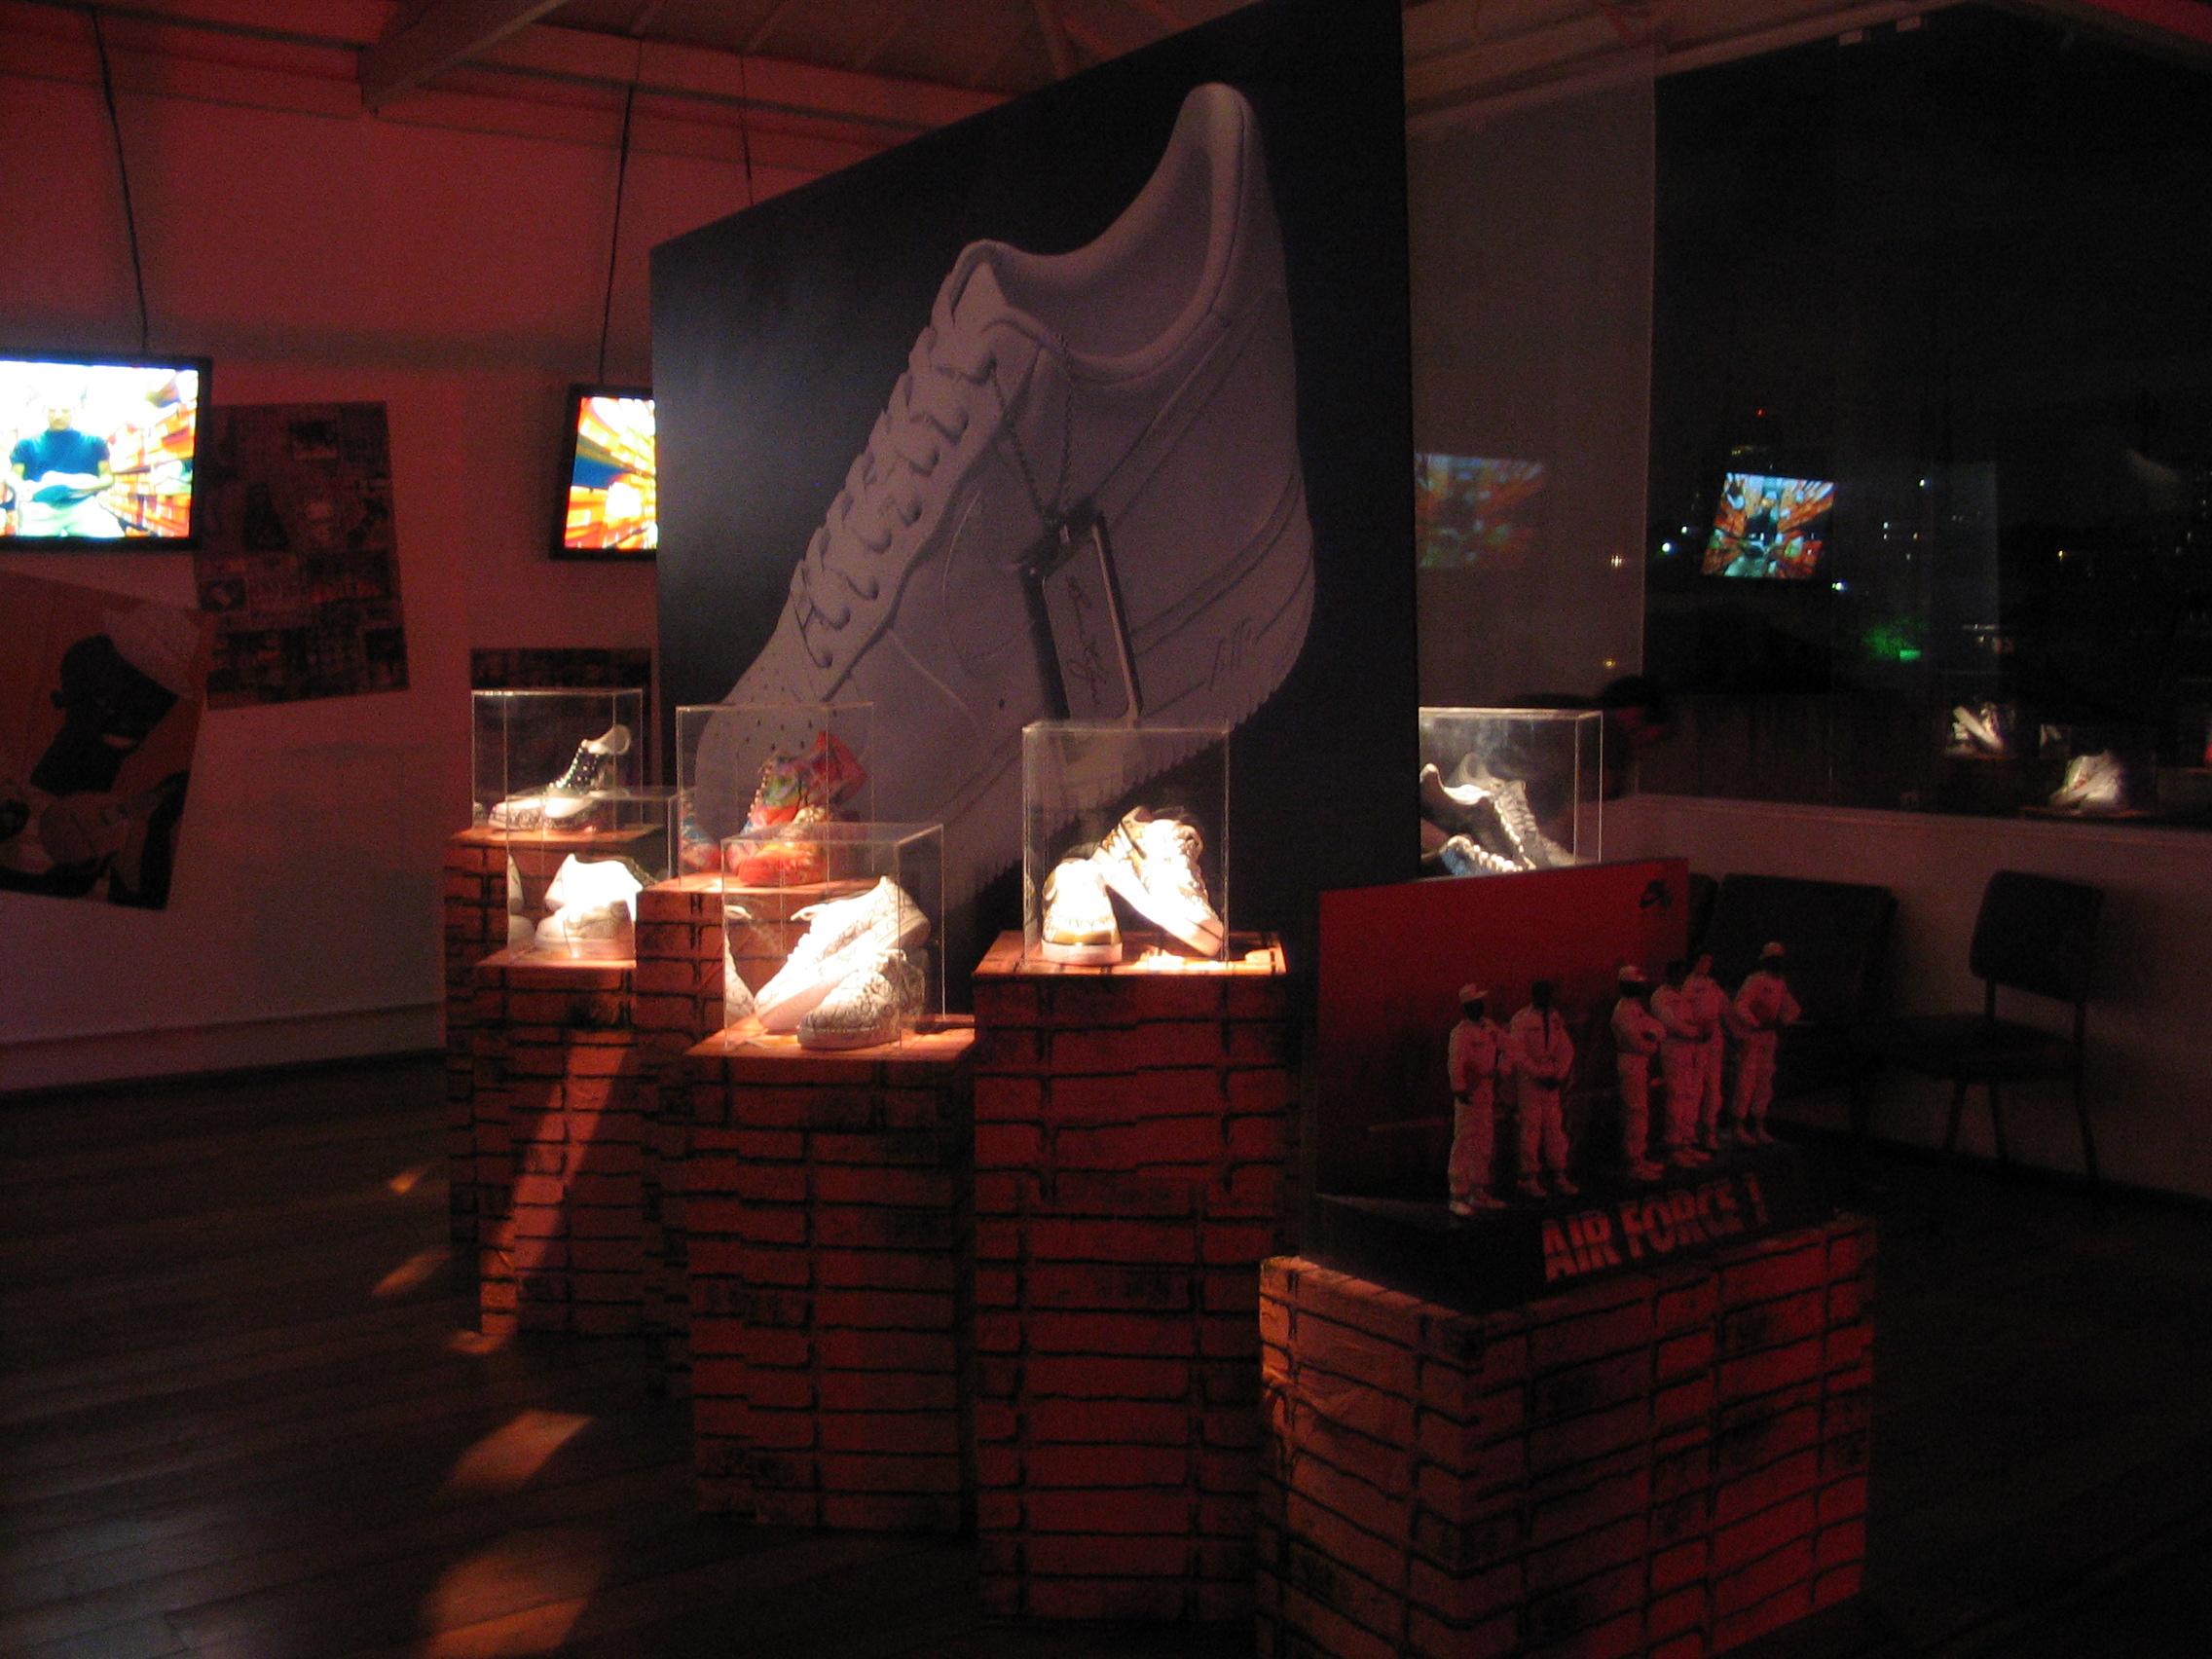 evento nike abril 2007 029